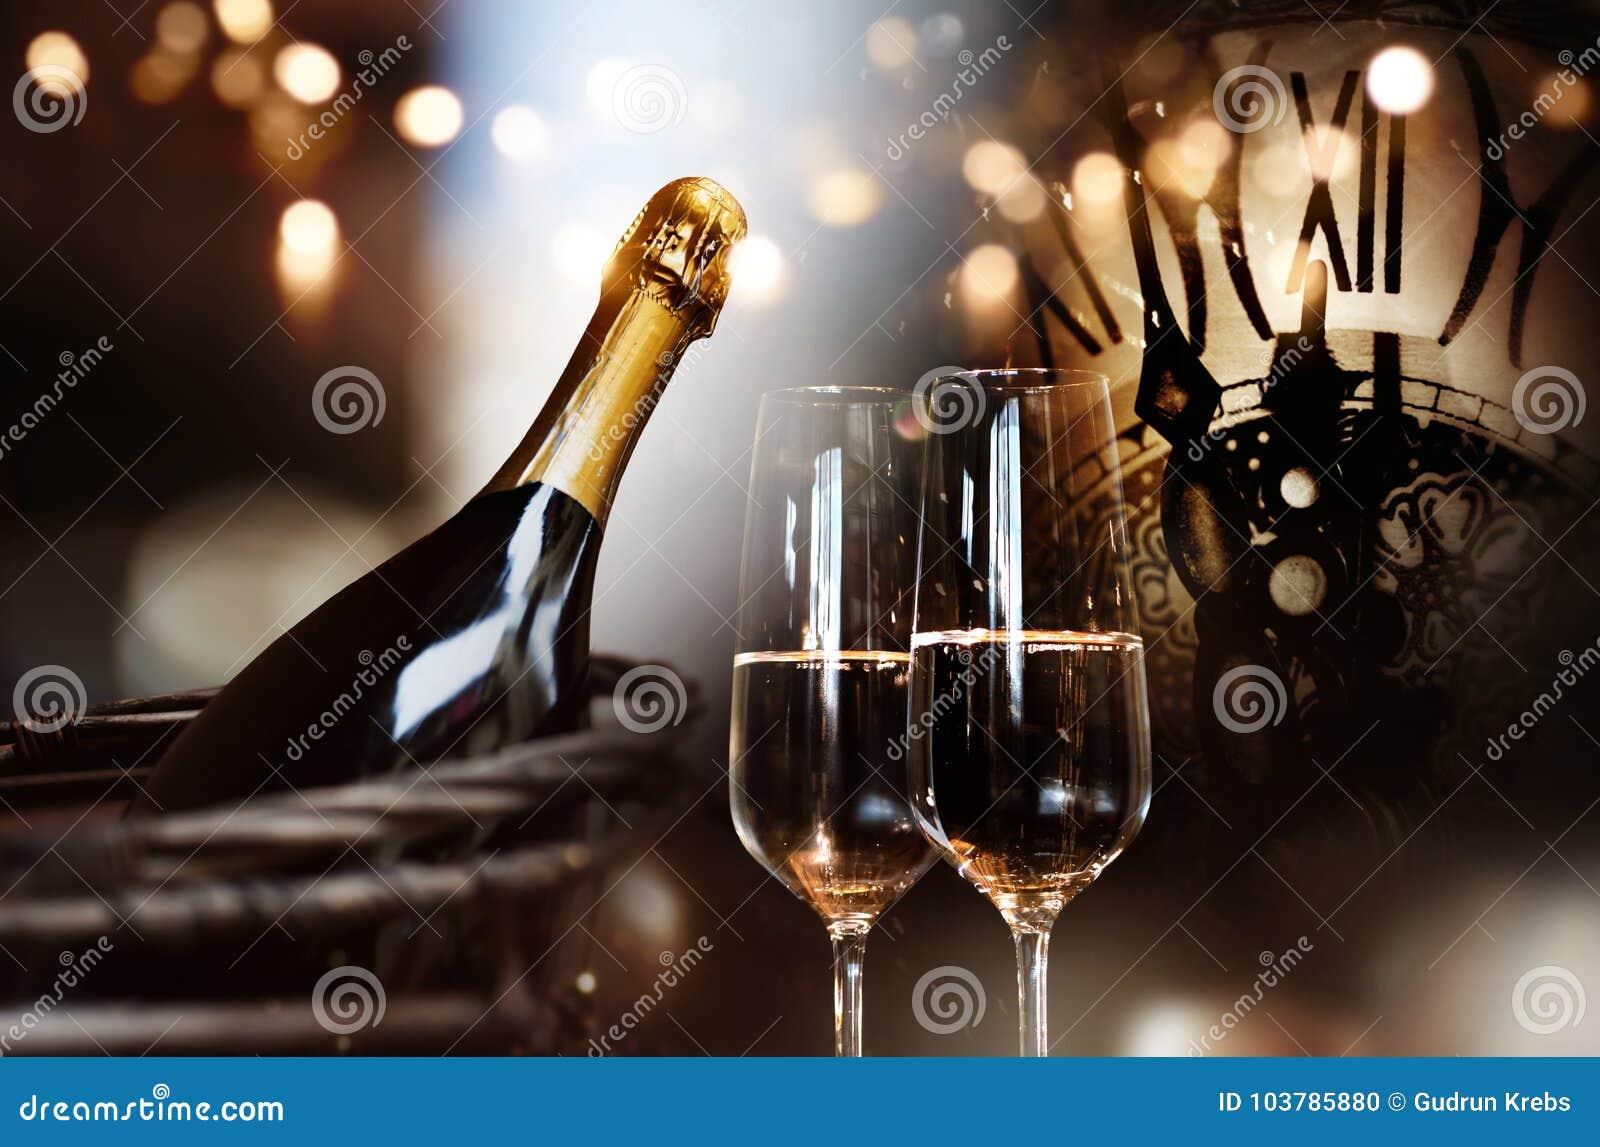 Συγχαρητήρια για το νέο έτος με τη σαμπάνια και το ρολόι